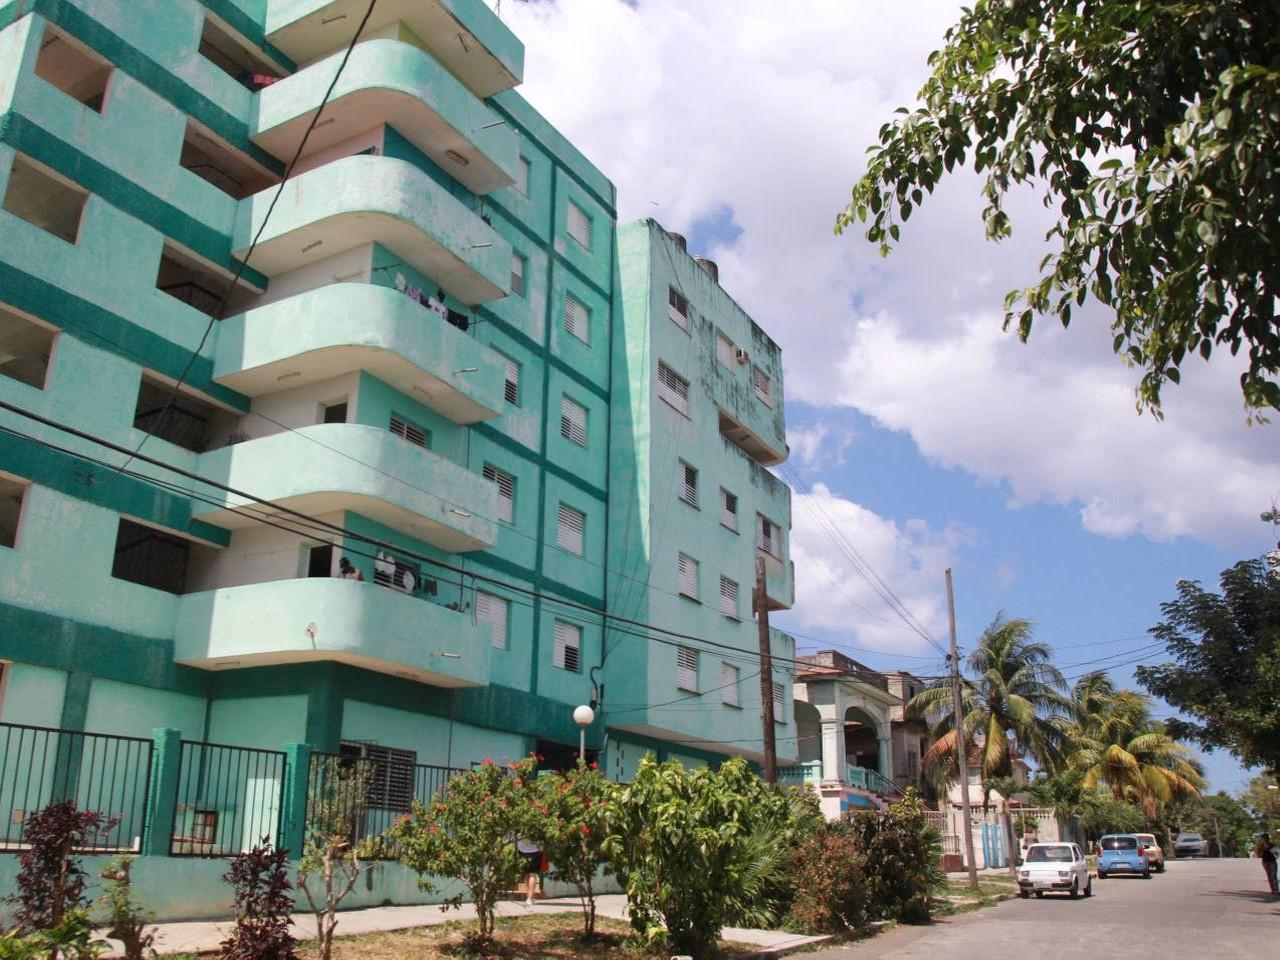 Apartamento La Plaza -                                                 Frente del edificio